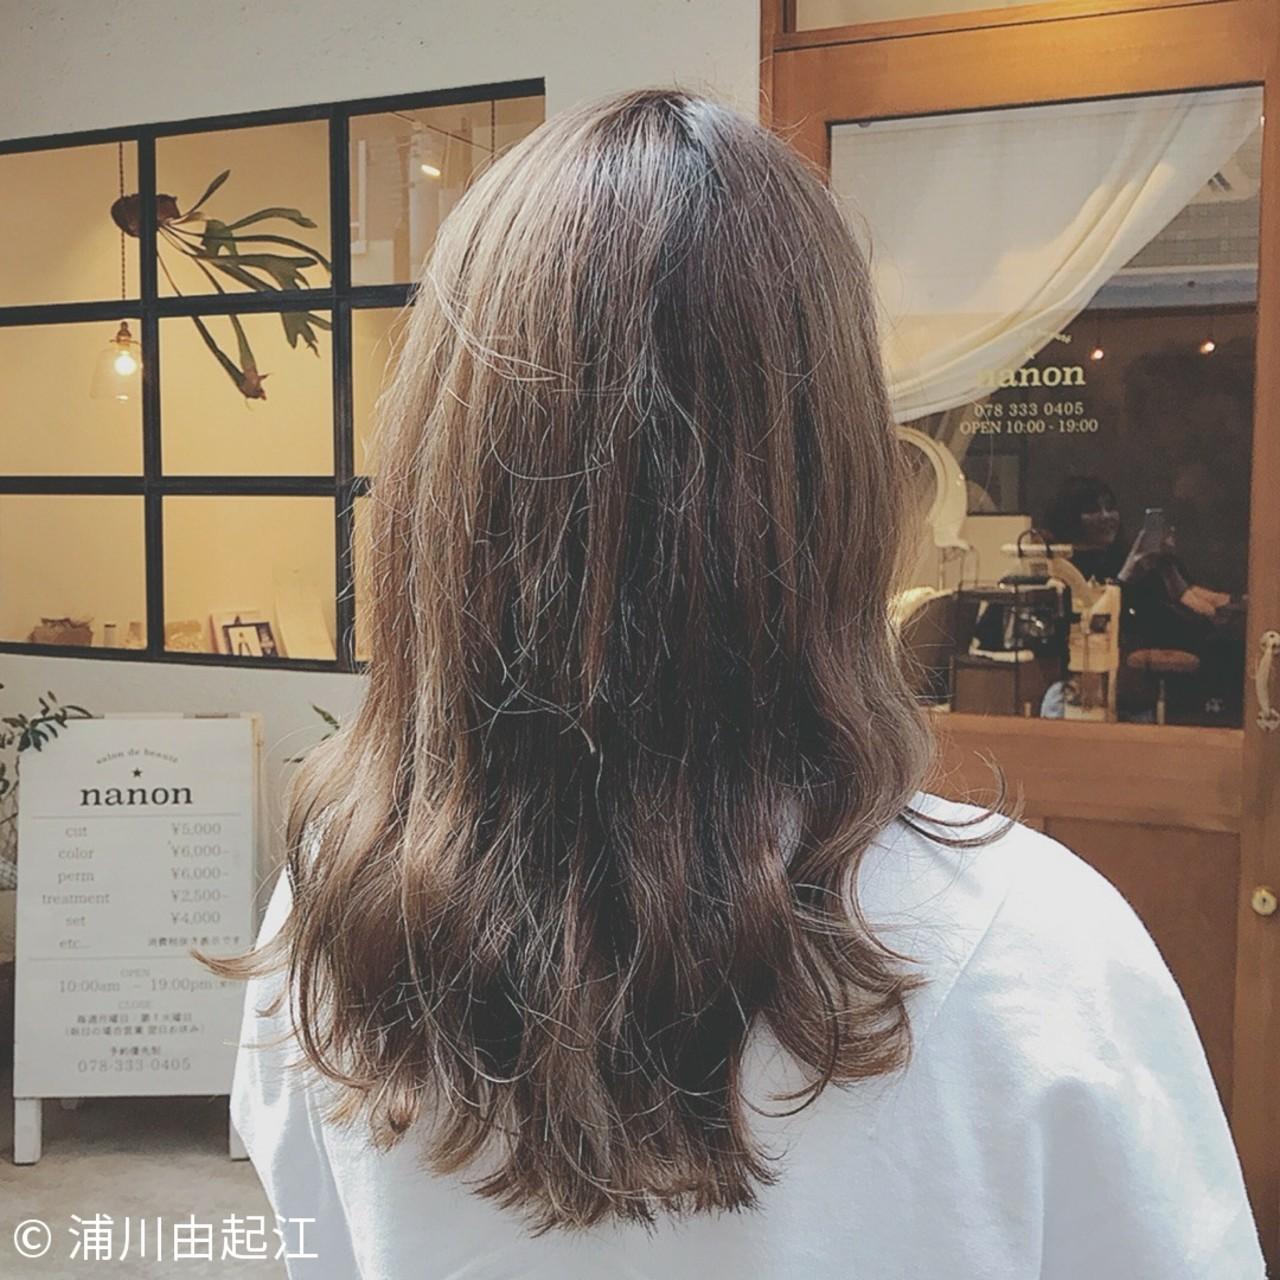 デート ゆるふわ ナチュラル 大人かわいい ヘアスタイルや髪型の写真・画像 | 浦川由起江 / nanon